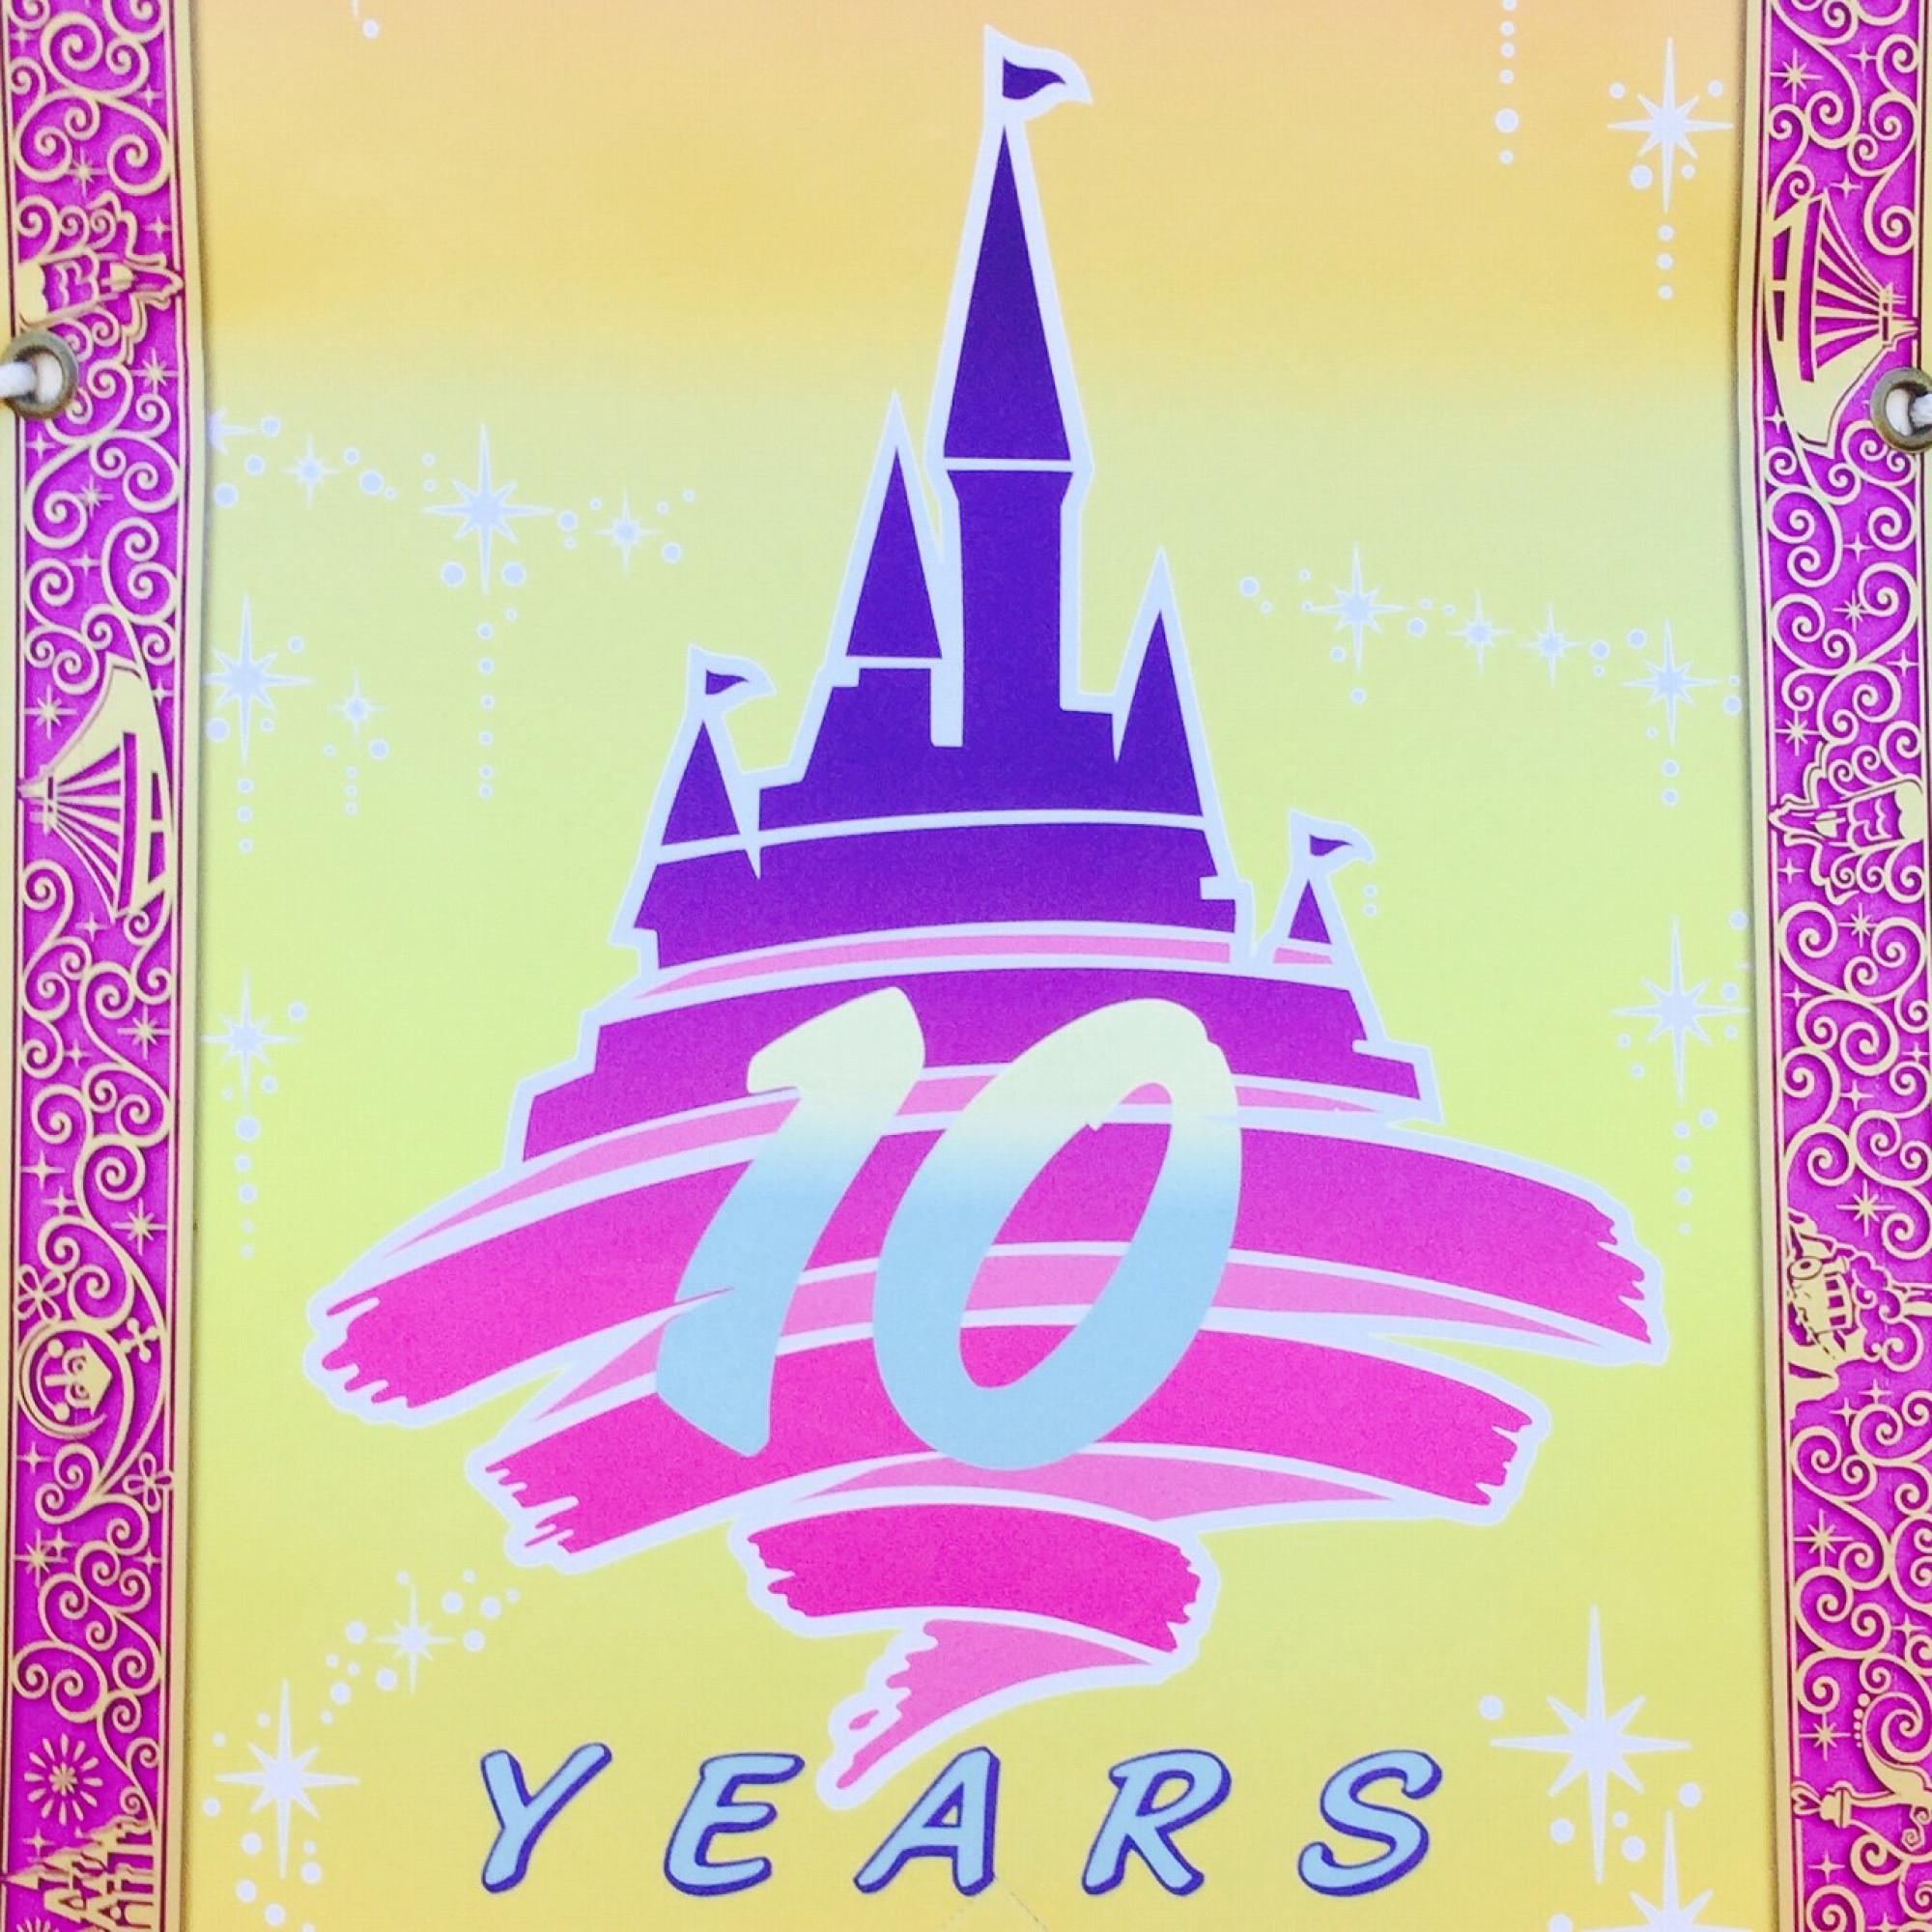 ディズニーランドの10周年ロゴ